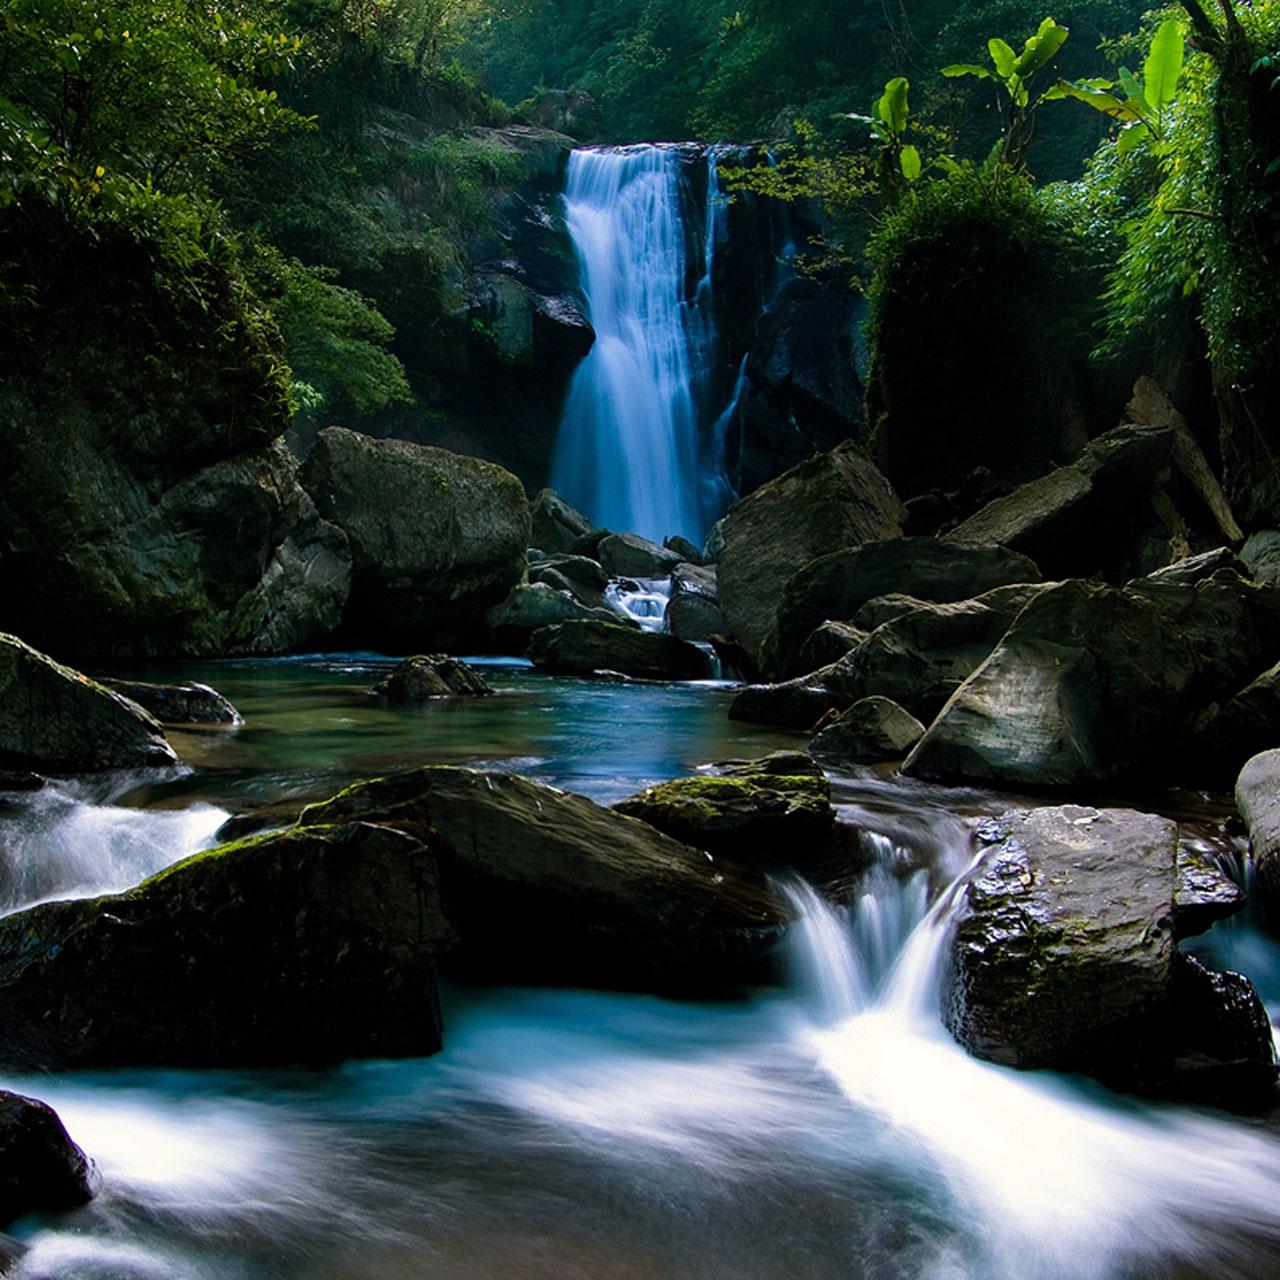 http://4.bp.blogspot.com/-r3z0ywxrKe8/T_yCDJJZegI/AAAAAAAAKRg/CZnZgqROXDw/s1600/waterfall-hd-wallpaper-p92_1280x1280+%25281%2529.jpg